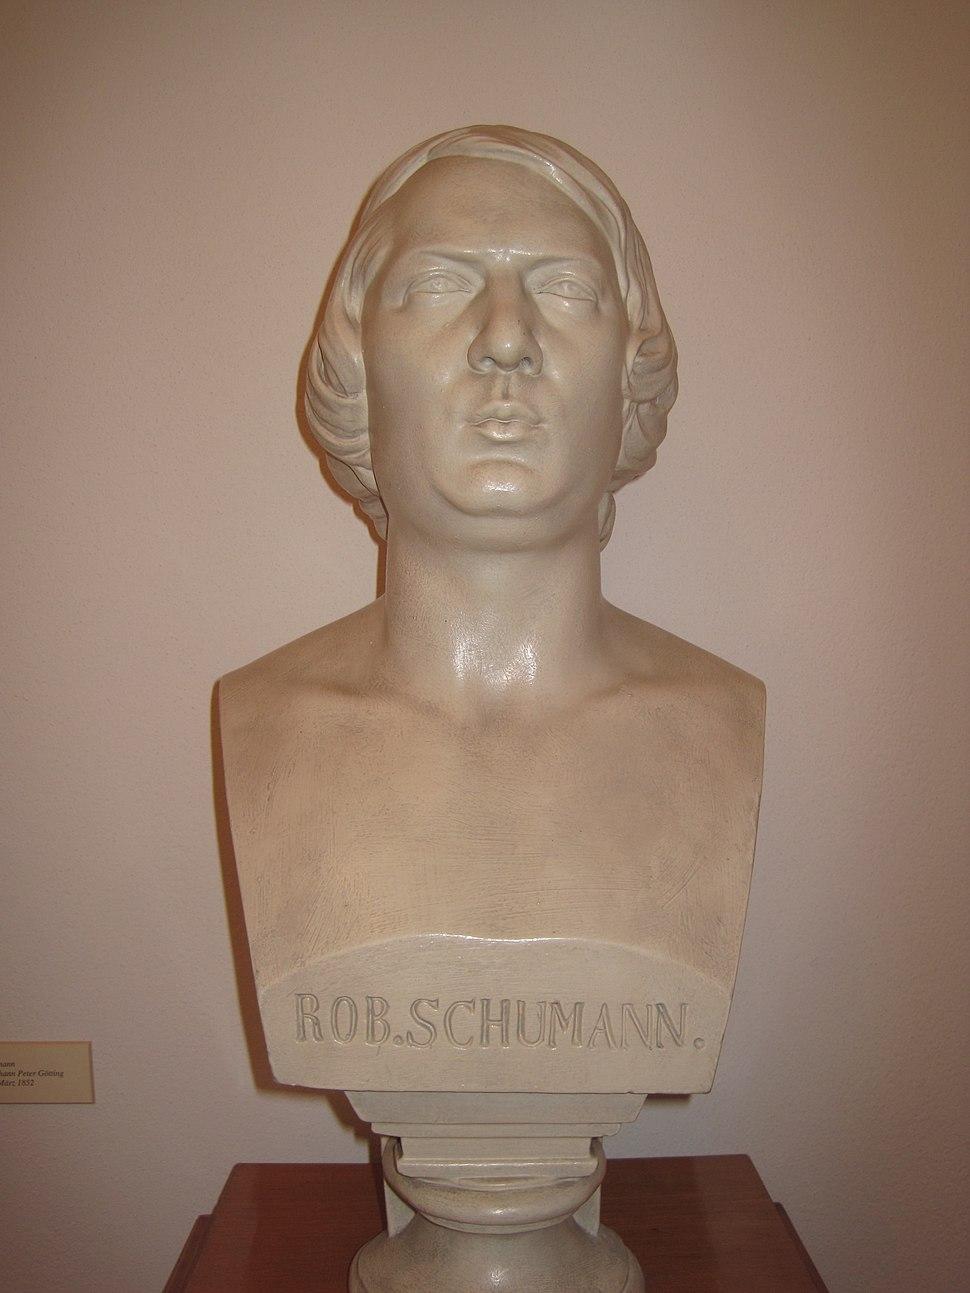 Rob.Schumann